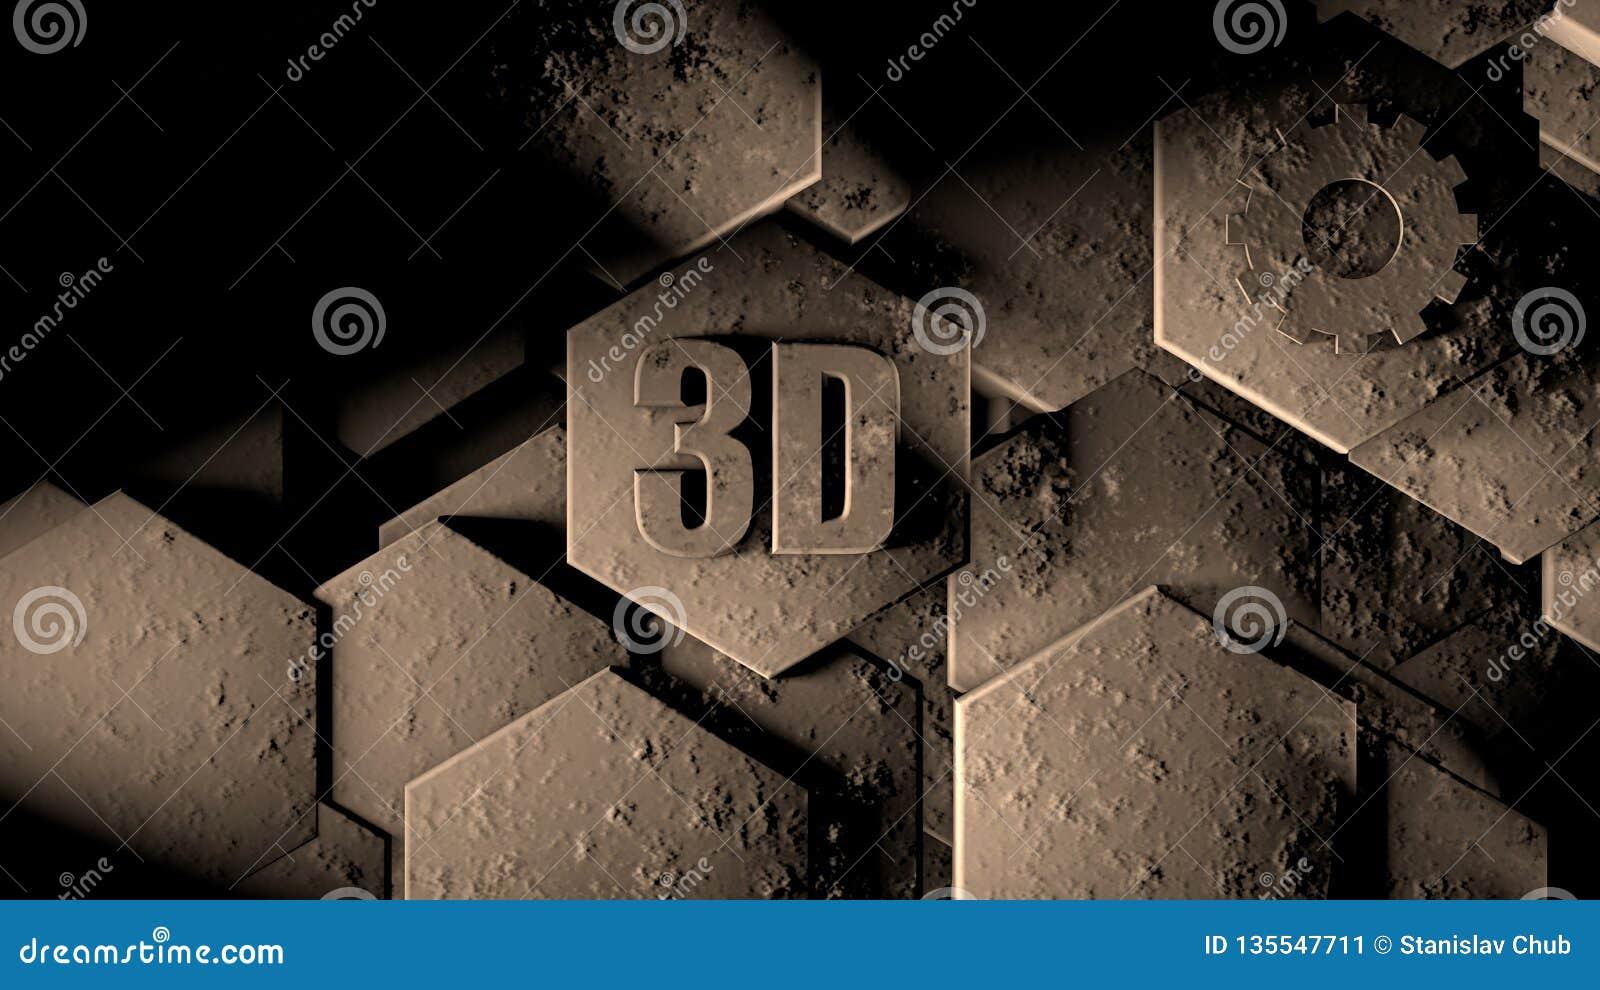 3D illustratie van abstracte futuristische achtergrond van vele verschillende zeshoeken, honingraatsteen met krassen en oude roes